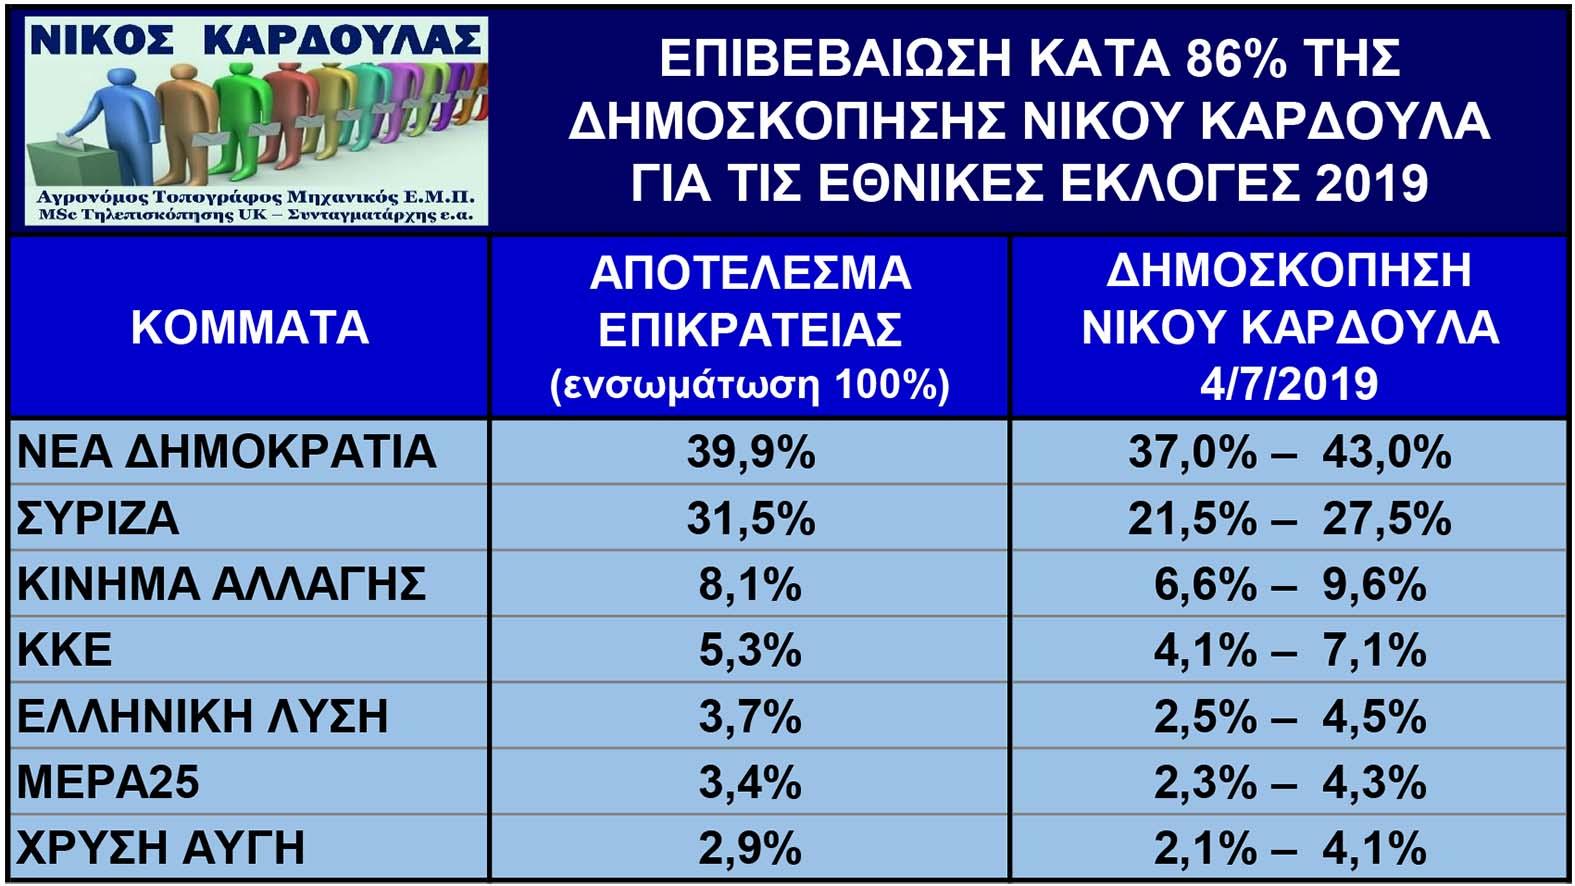 Ο Ν. Καρδούλας προέβλεψε για μία ακόμη φορά με επιτυχία 86% το αποτέλεσμα των εθνικών εκλογών